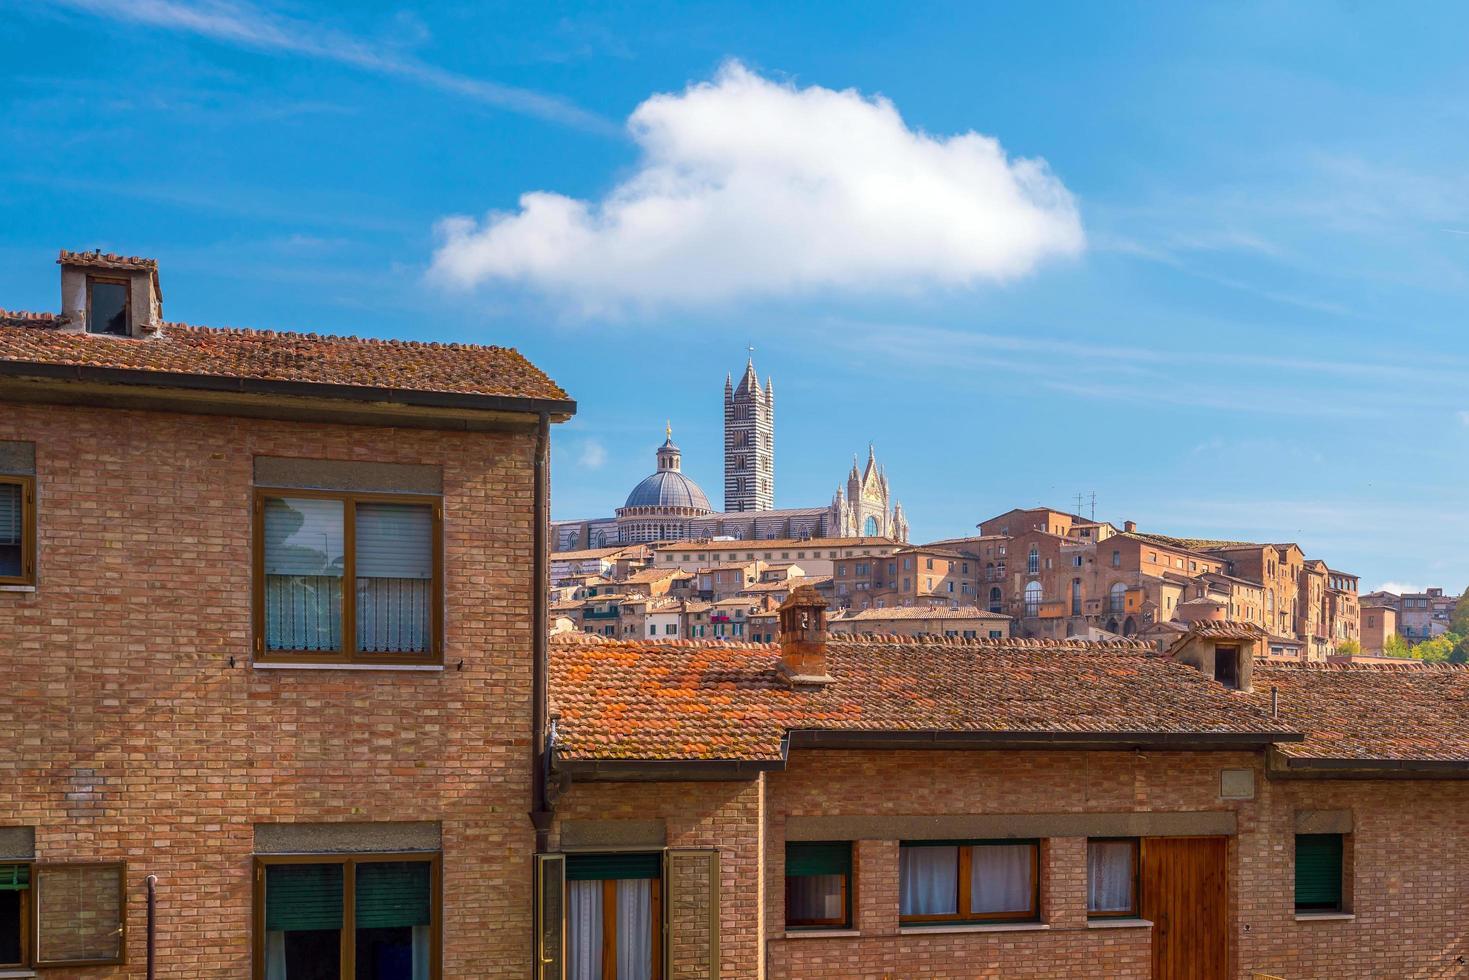 de skyline van de binnenstad van siena in Italië foto